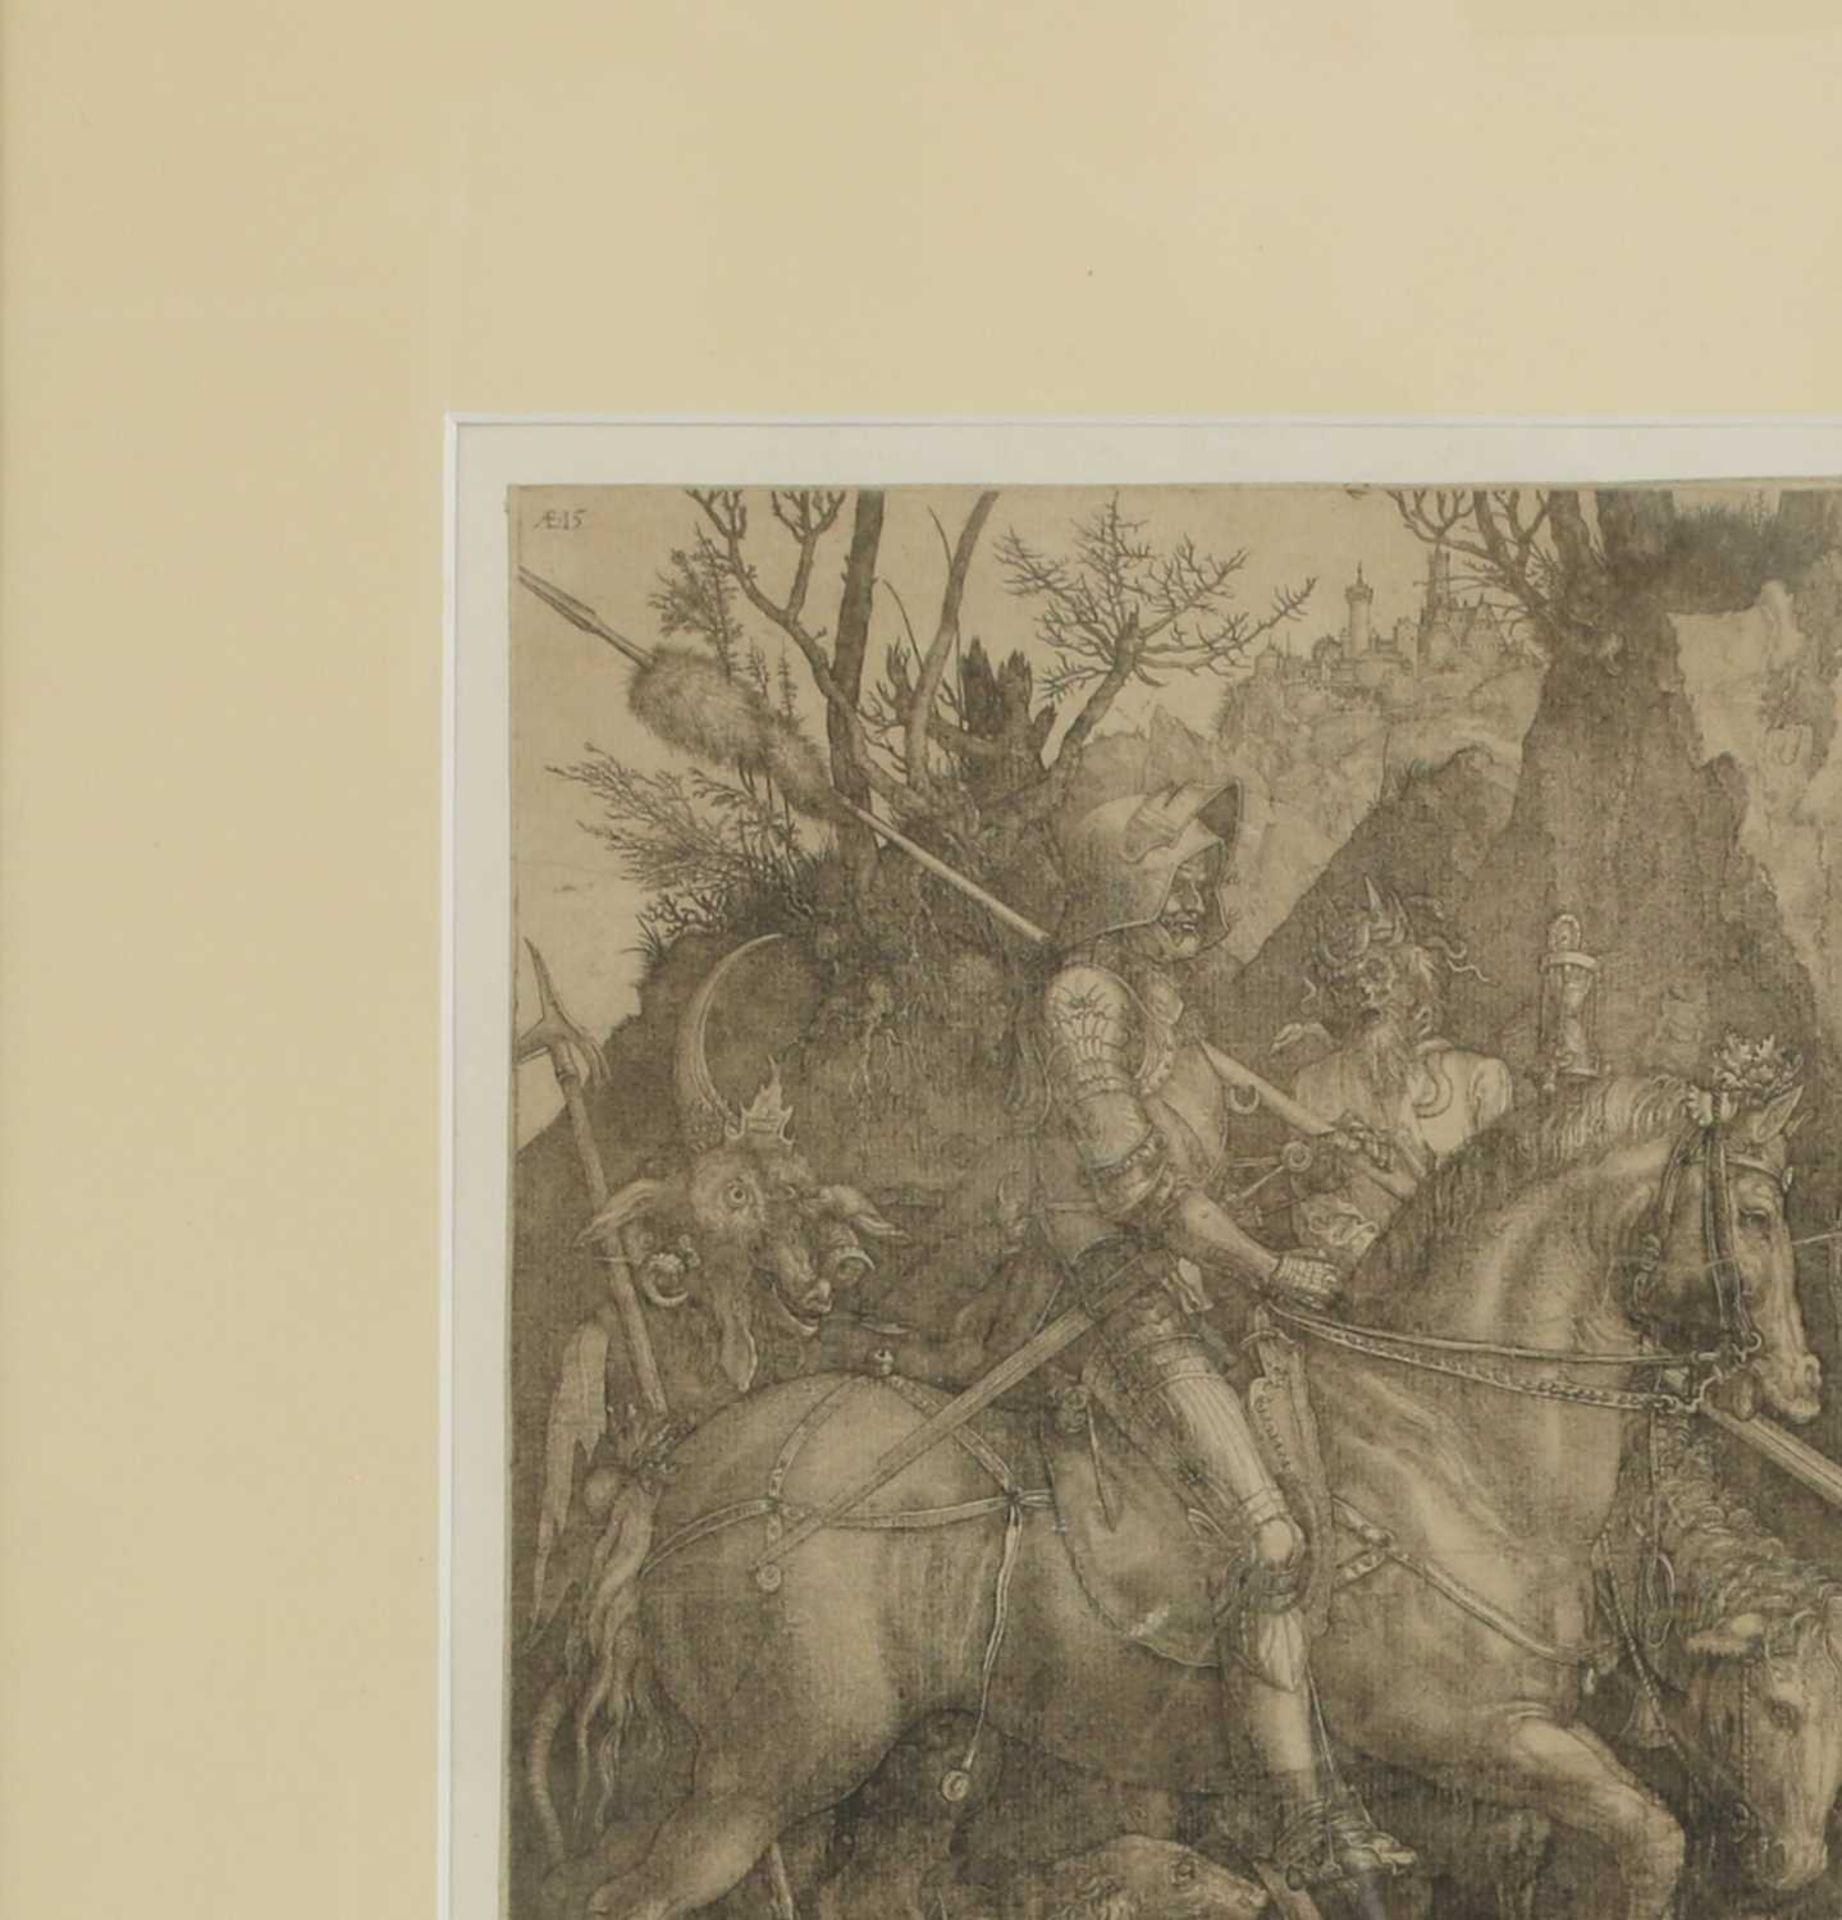 After Albrecht Dürer (German, 1471-1528) - Image 3 of 4